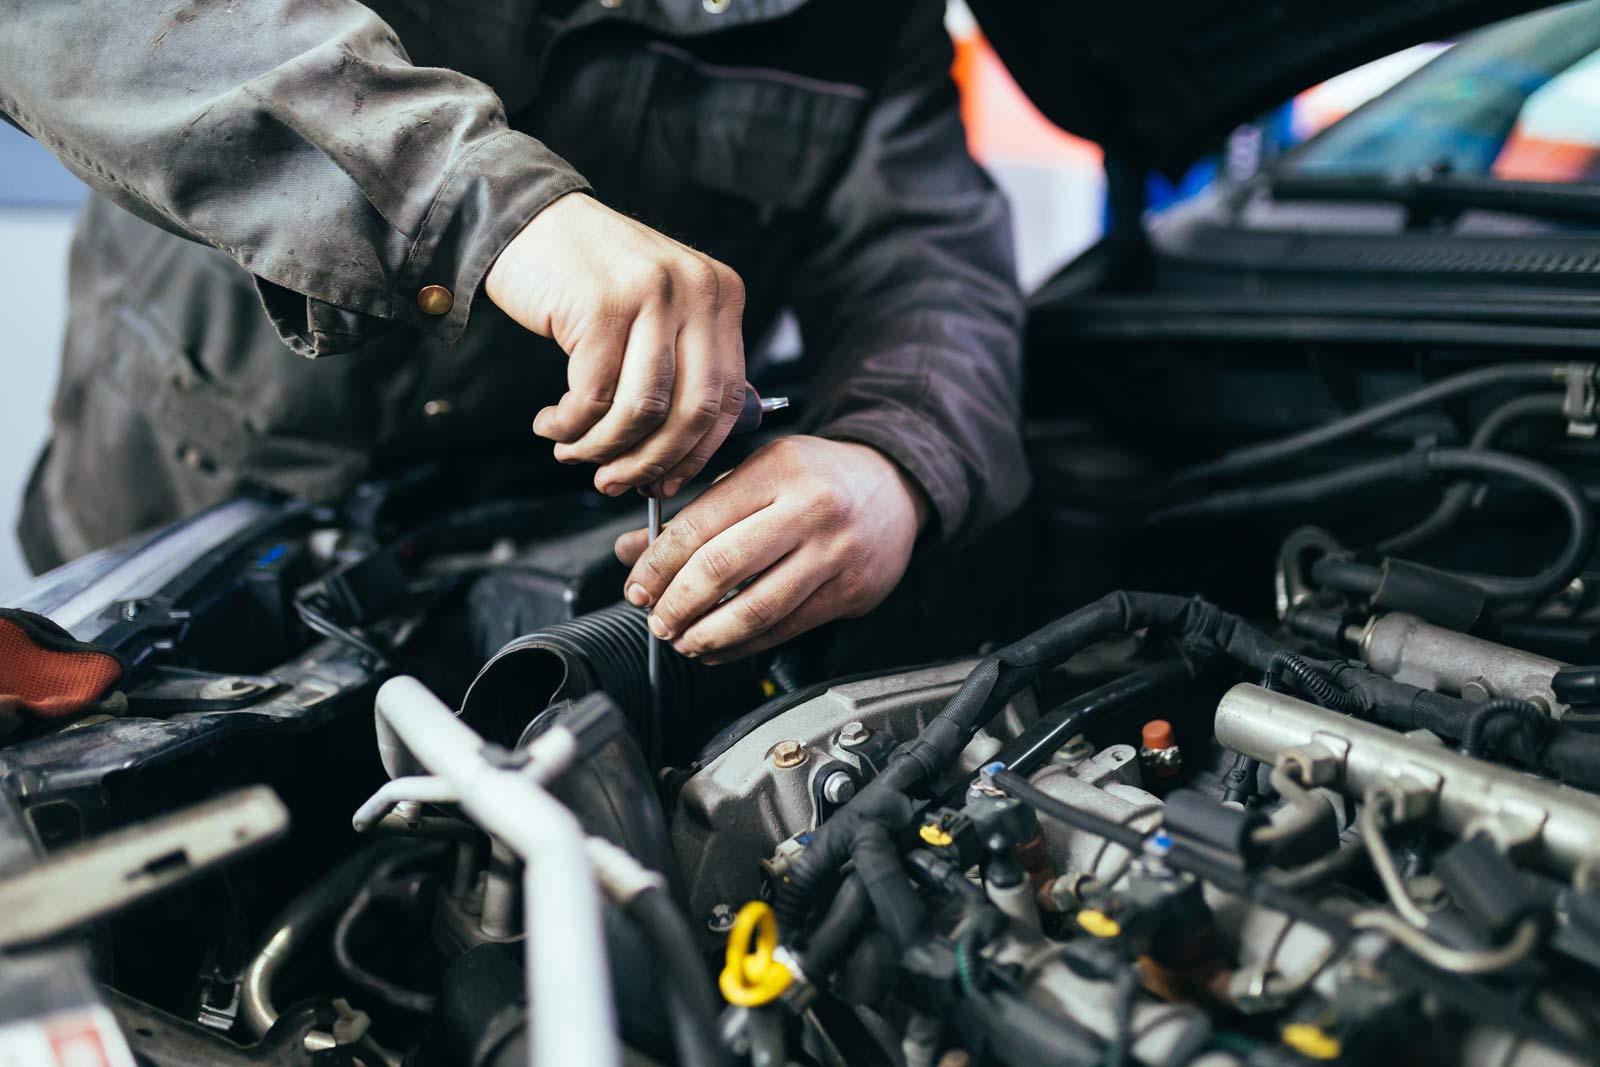 Mani di un tecnico dell'Autofficina al lavoro su un motore